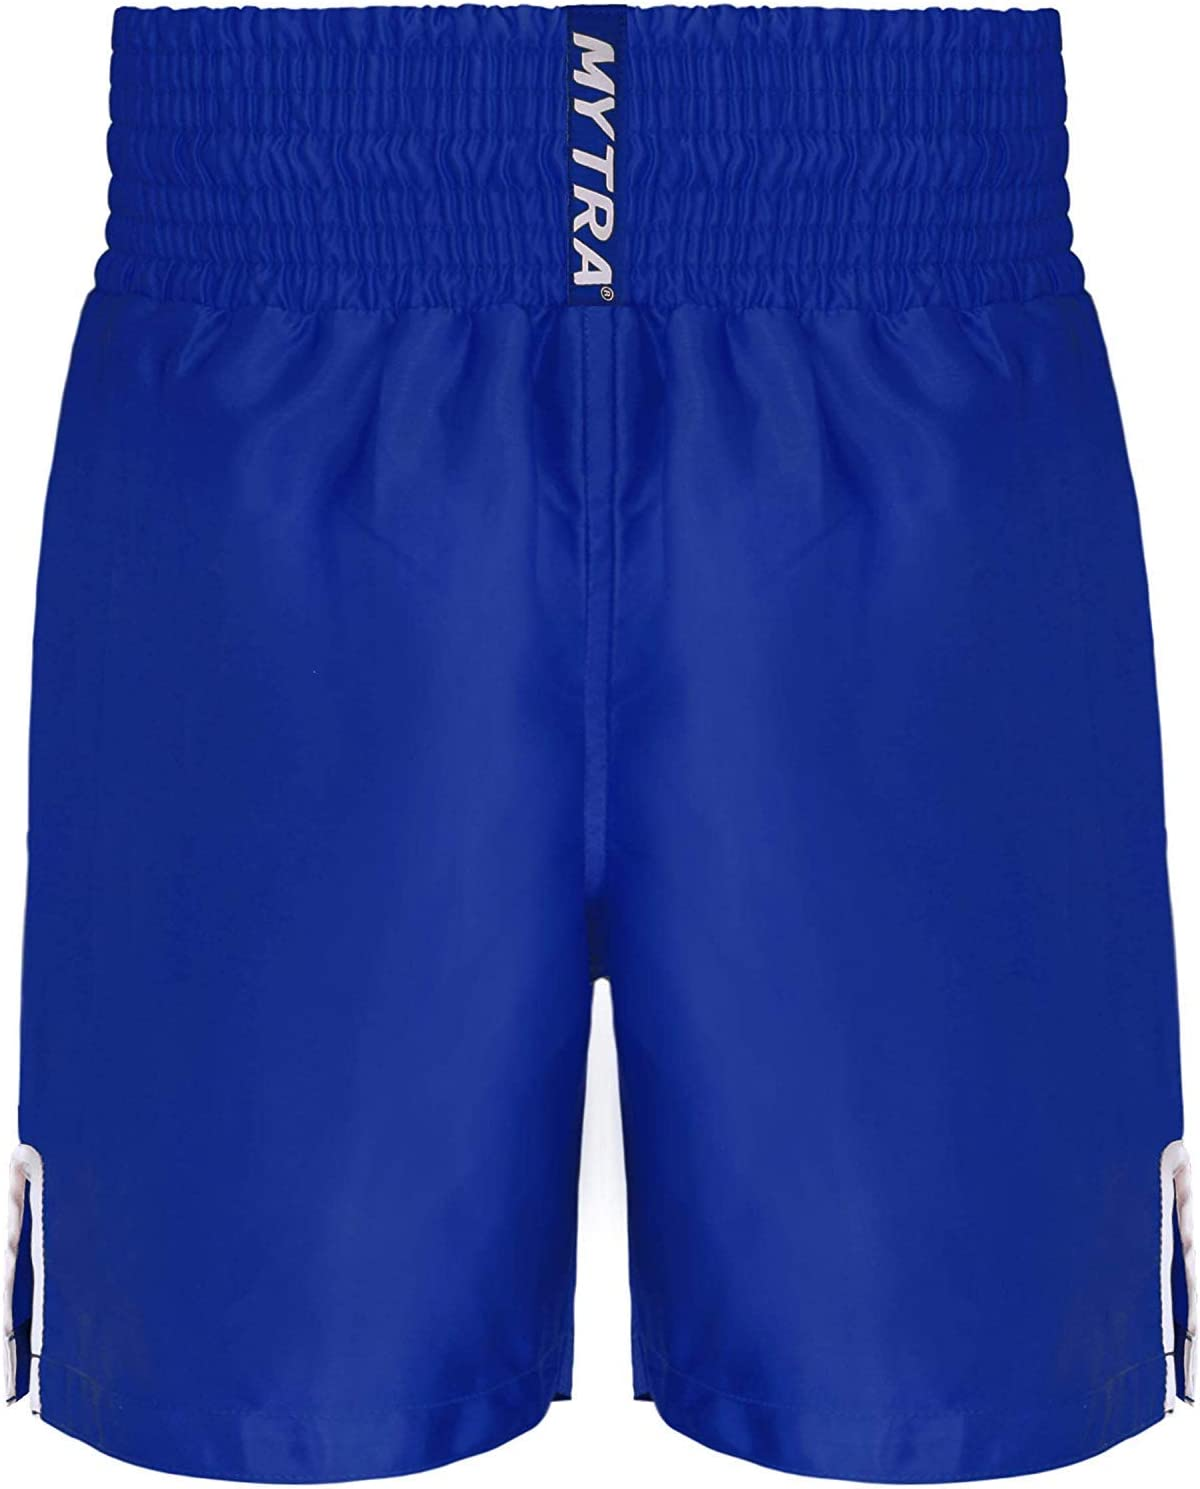 Mytra Fusion Kids Regular Boxing Shorts